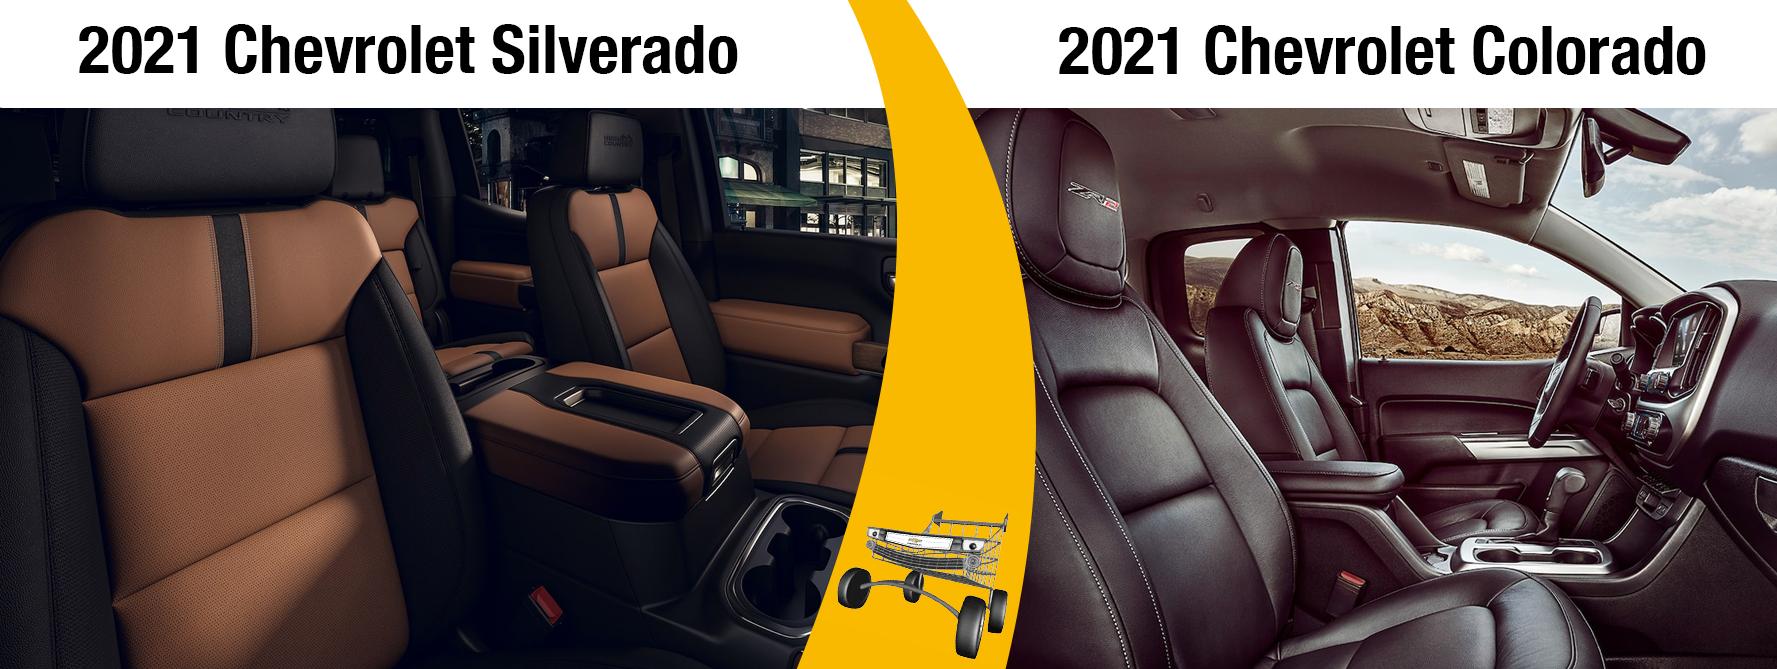 2021 Chevy Silverado Chicago IL